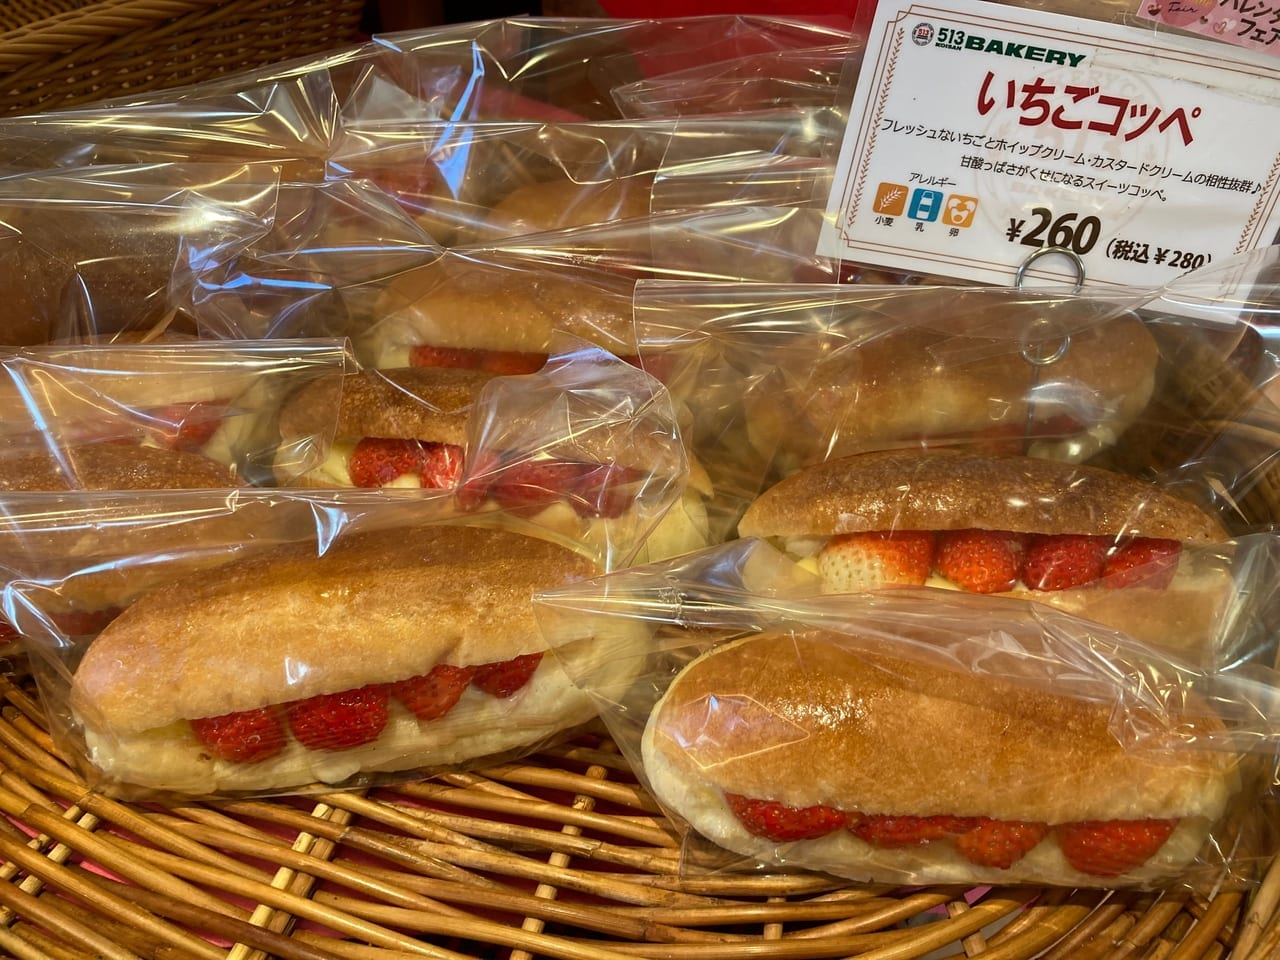 513ベーカリー松阪高町店のいちごコッペ